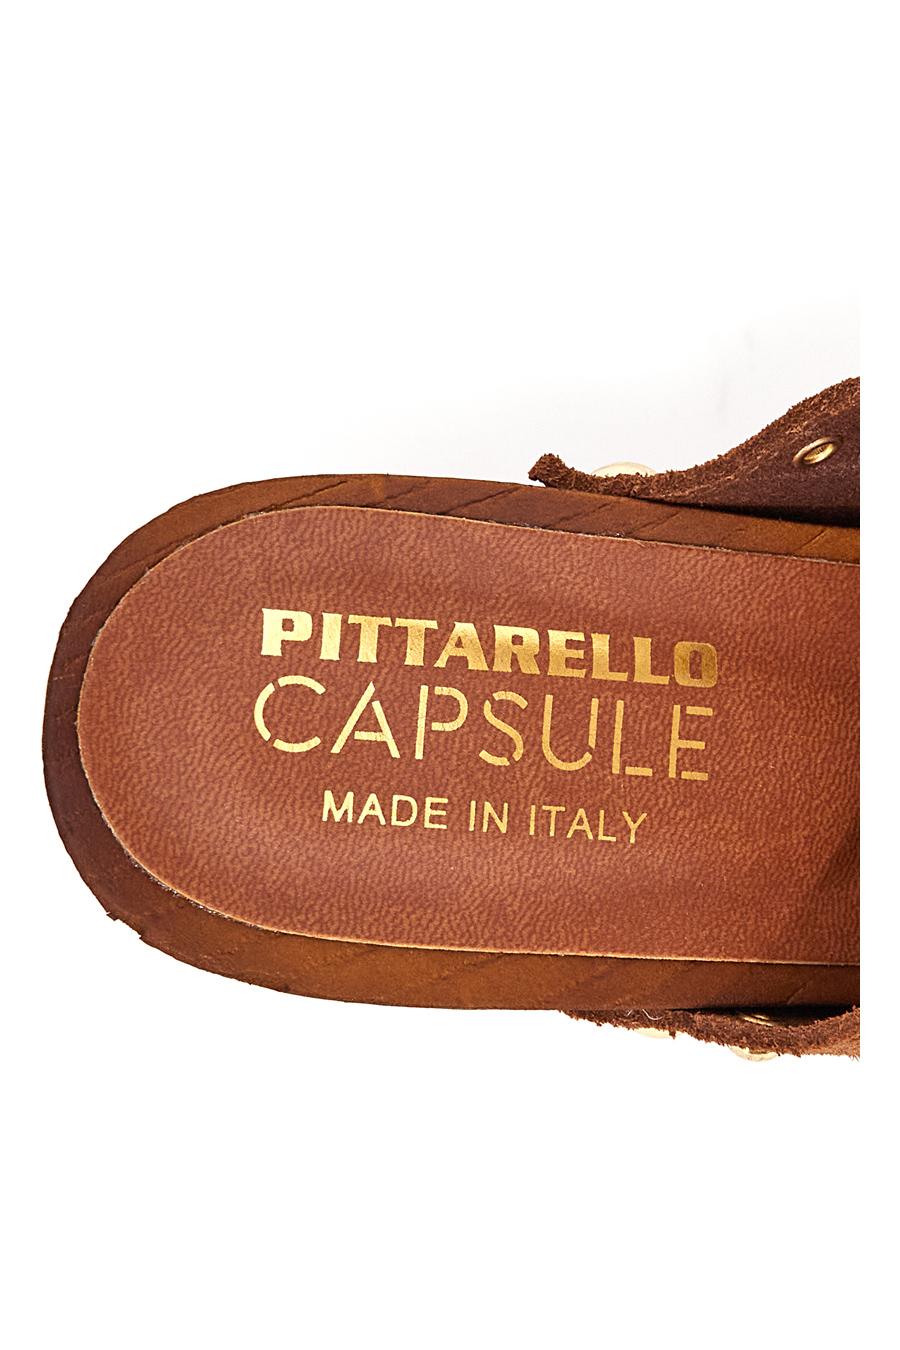 CIABATTE donna marrone PITTARELLO 7831 | Pittarello